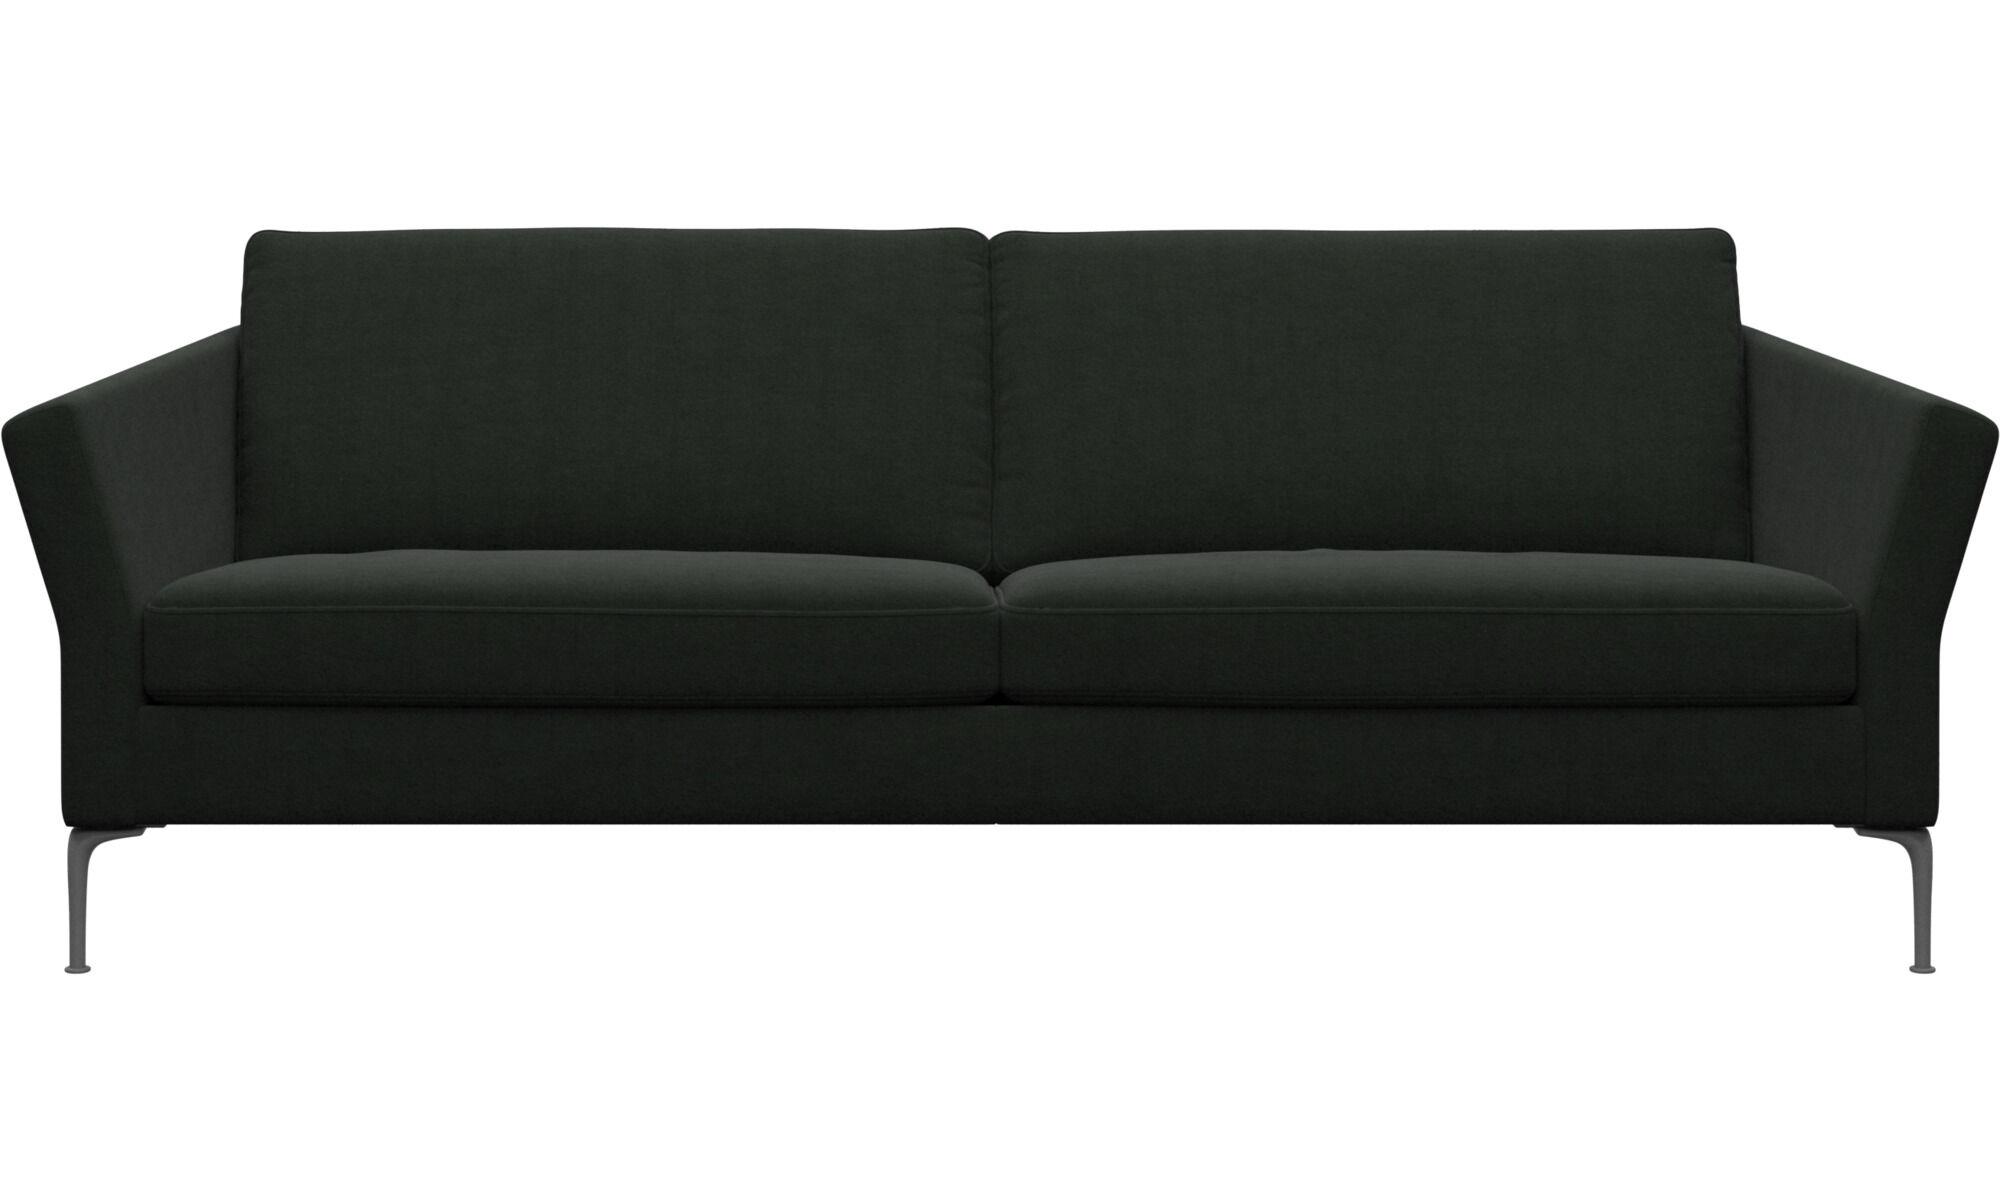 sofa studio crows nest sydney unique leather sets sofas modern lounges boconcept